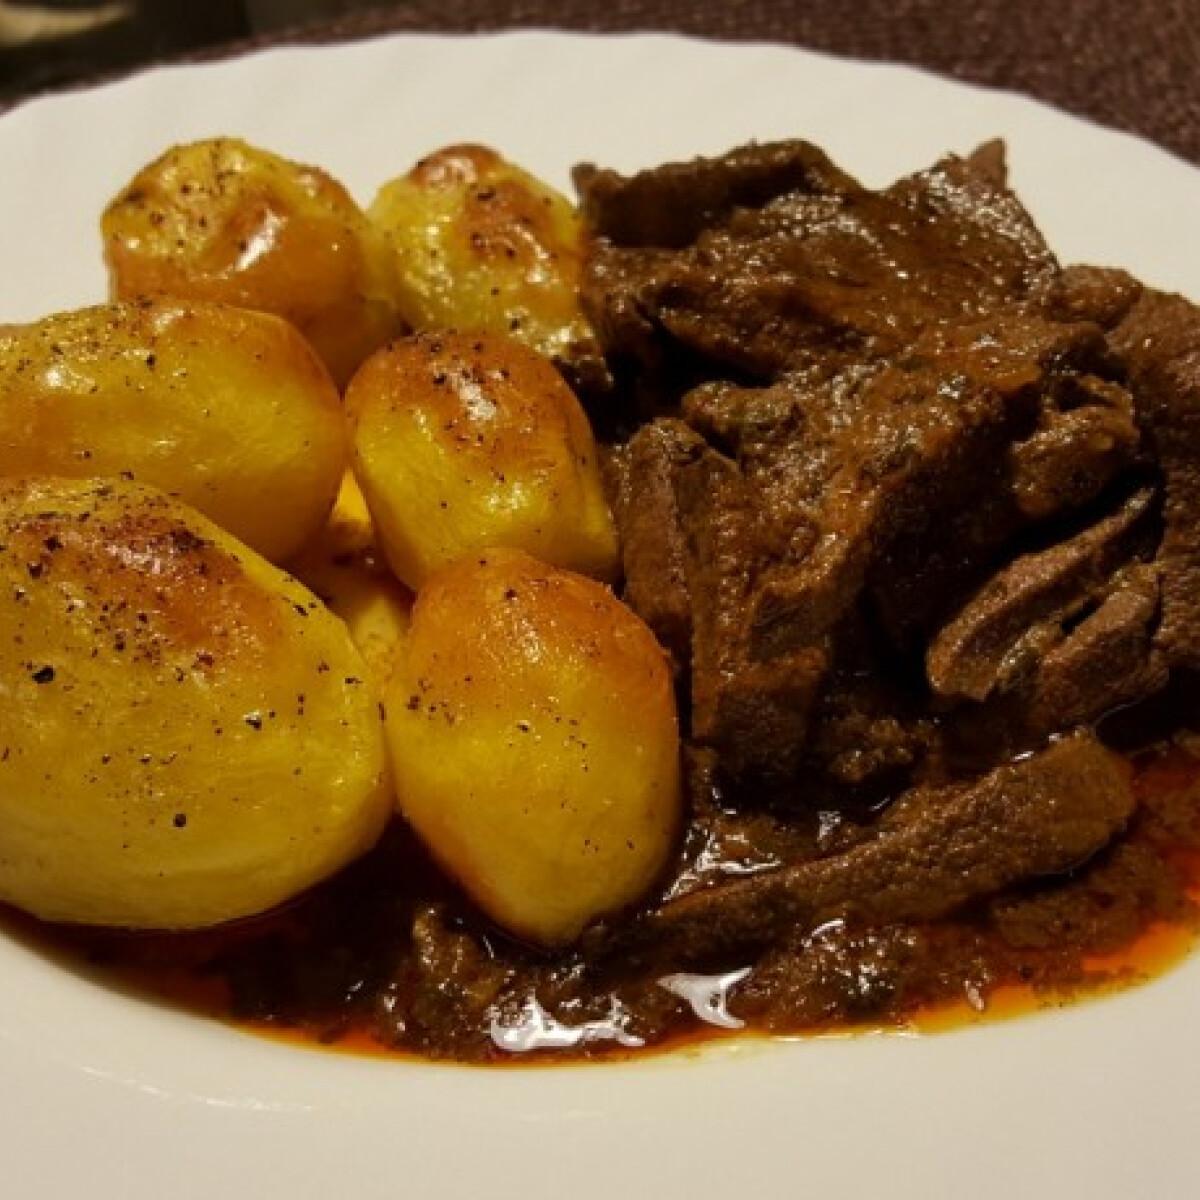 Ezen a képen: Pirított vörösboros sertésmáj egészben sült burgonyával